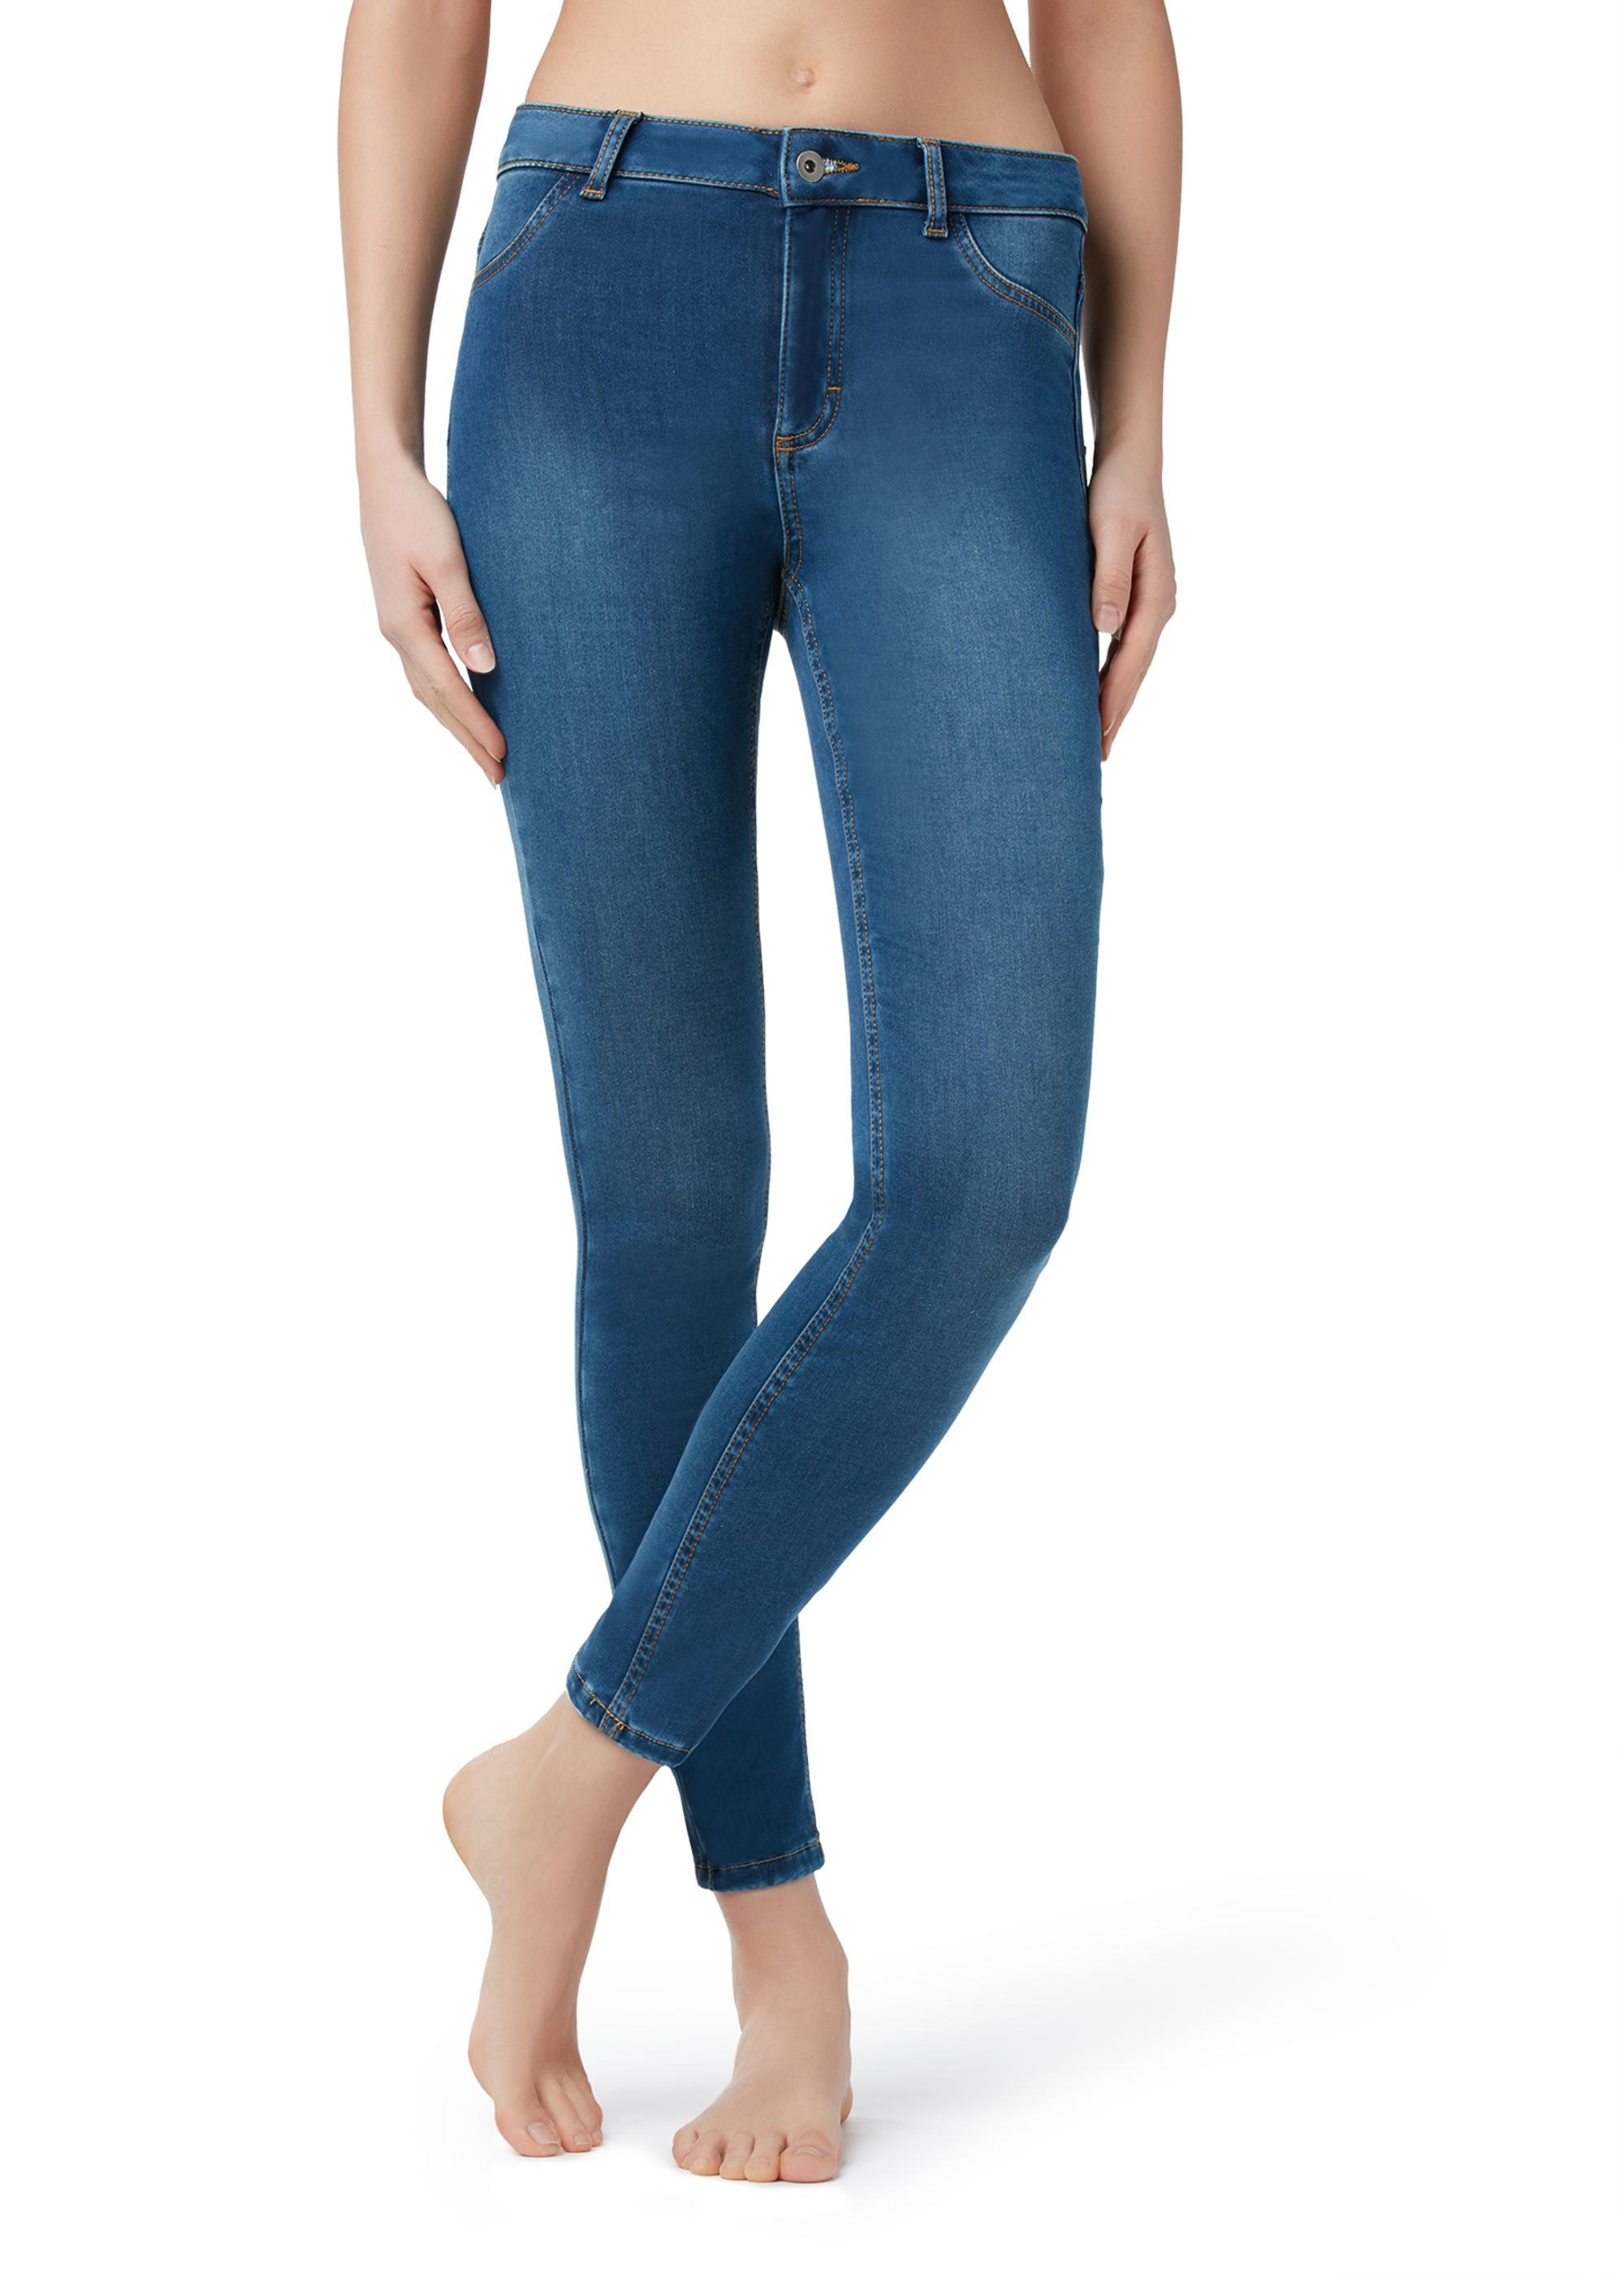 Обтягивающие джинсы на попе сексуально